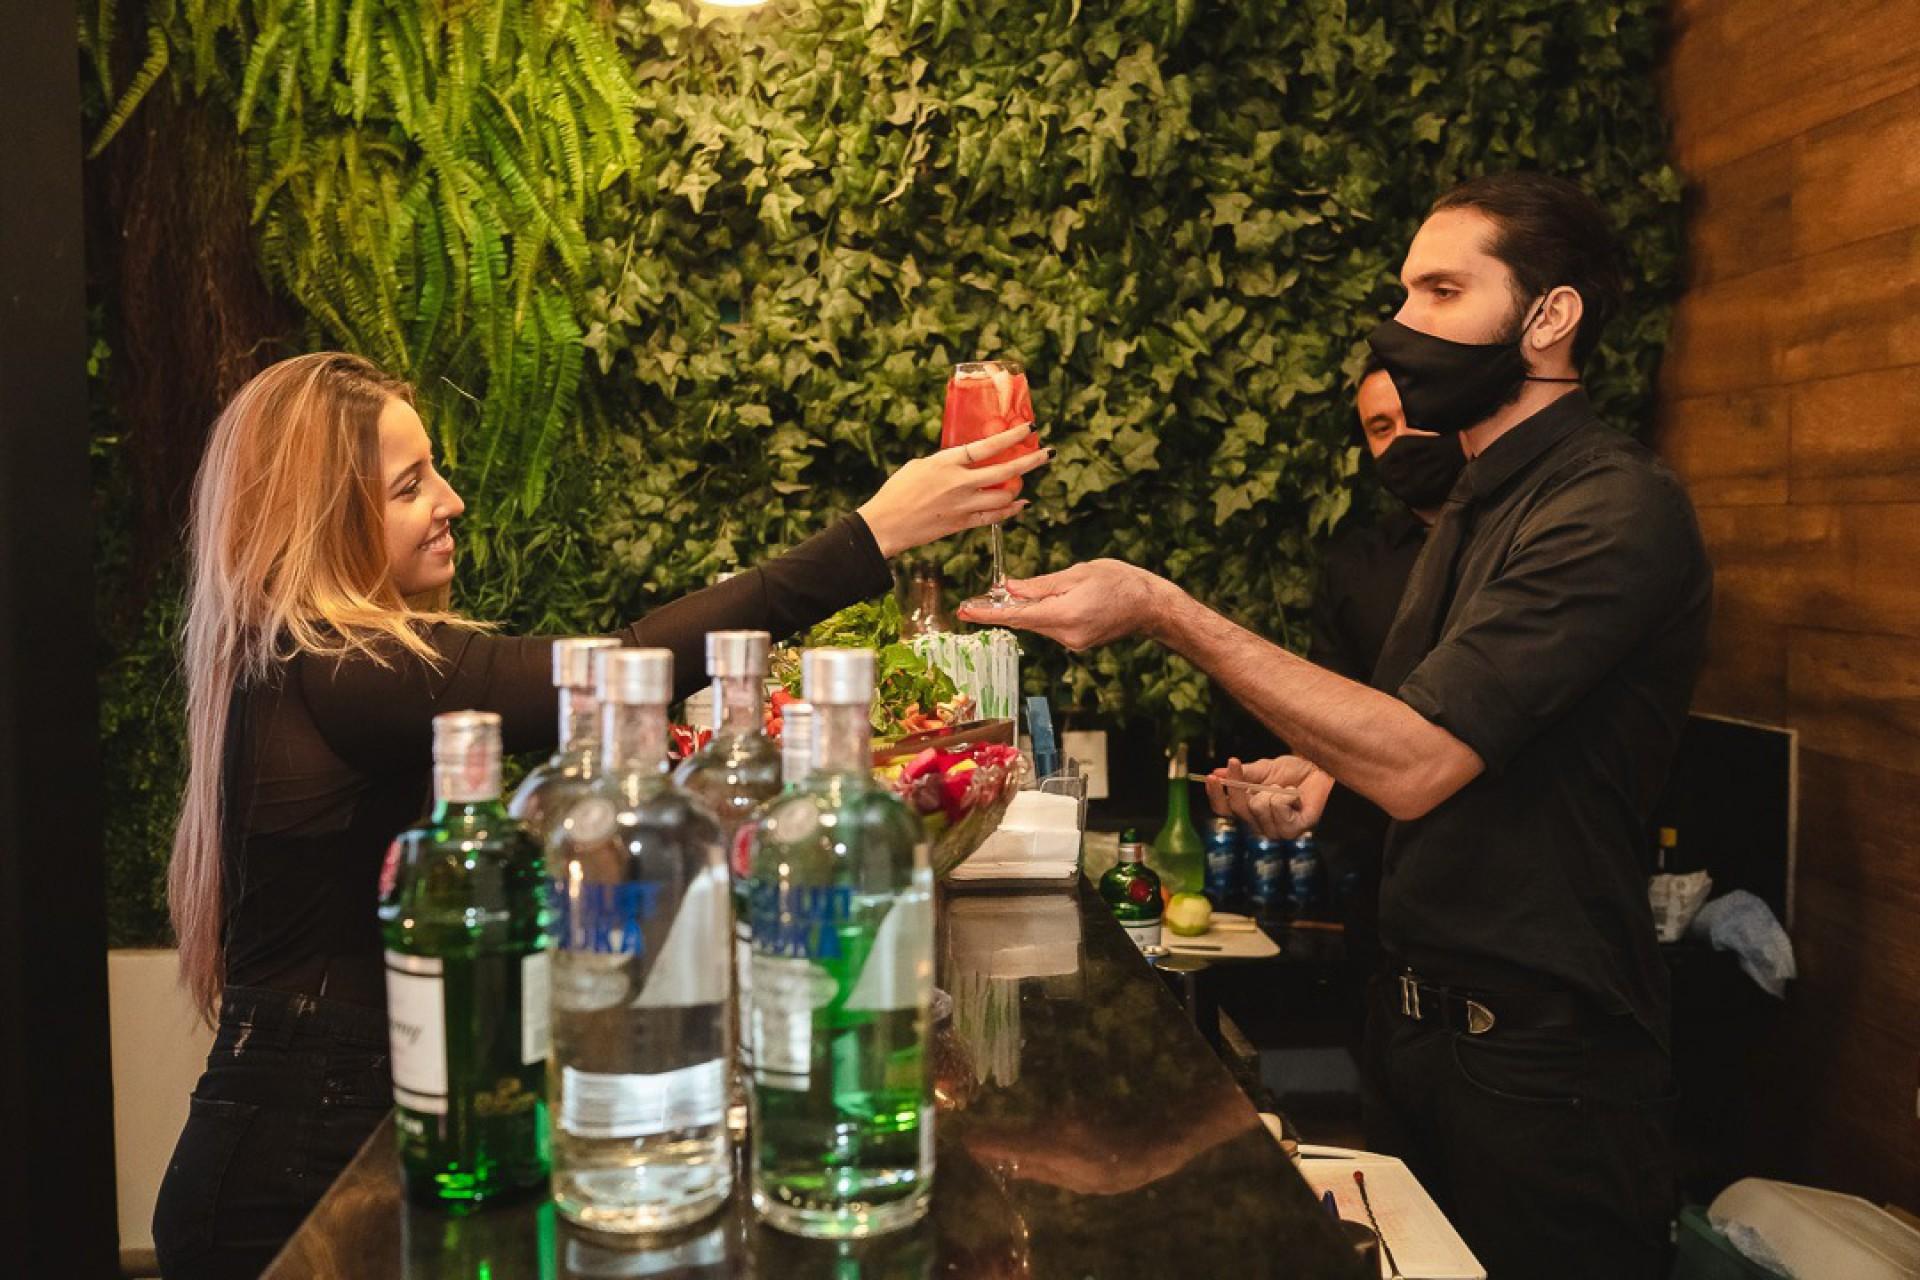 Bebida alcóolica é uma das principais preocupações da Sesa para os eventos sociais, diz coordenador (Foto: Divulgação)